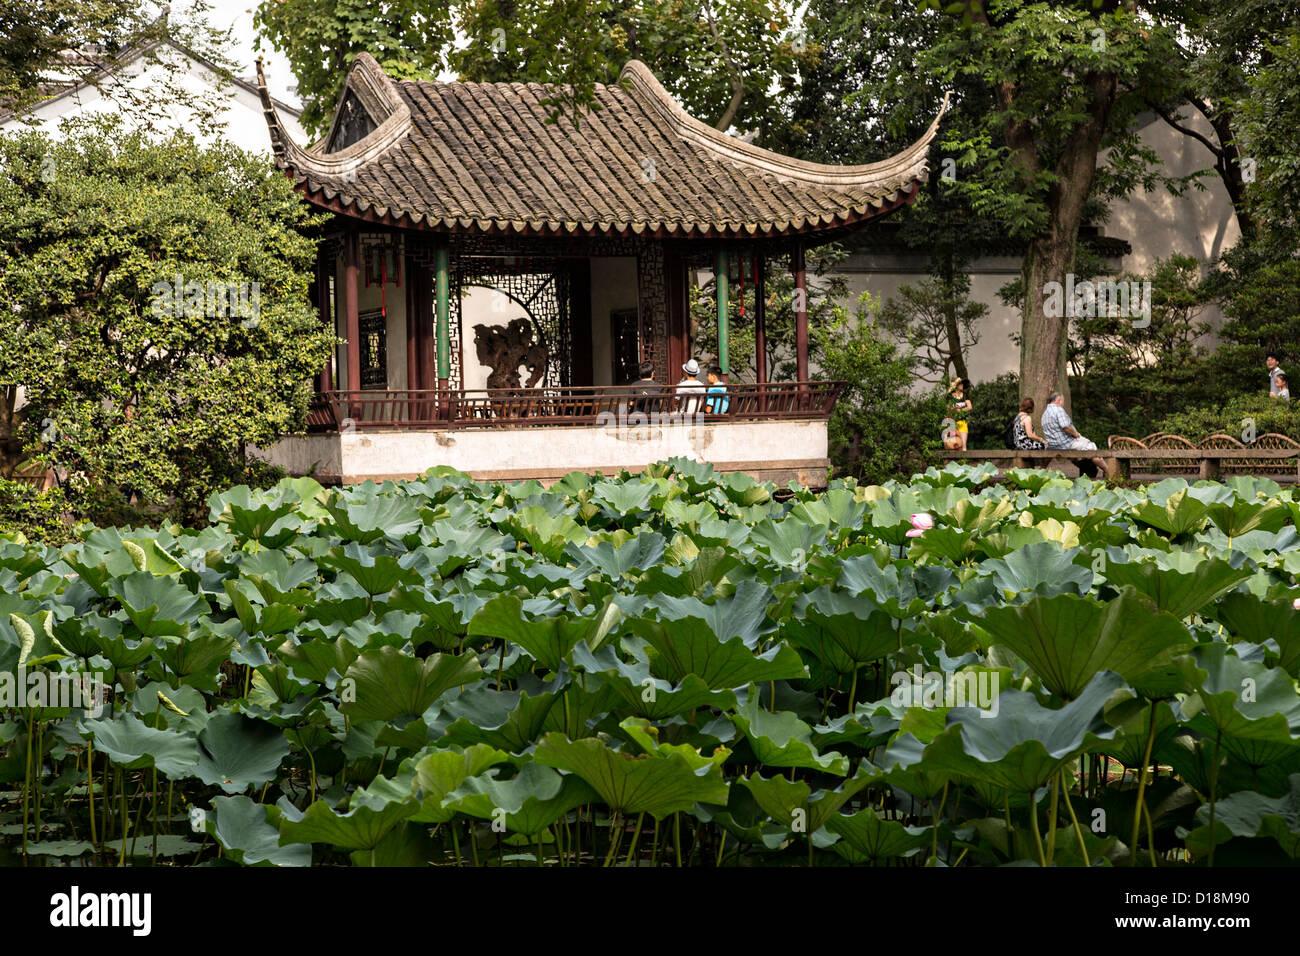 Jardin de l'Humble Administrateur à Suzhou, Chine. Photo Stock